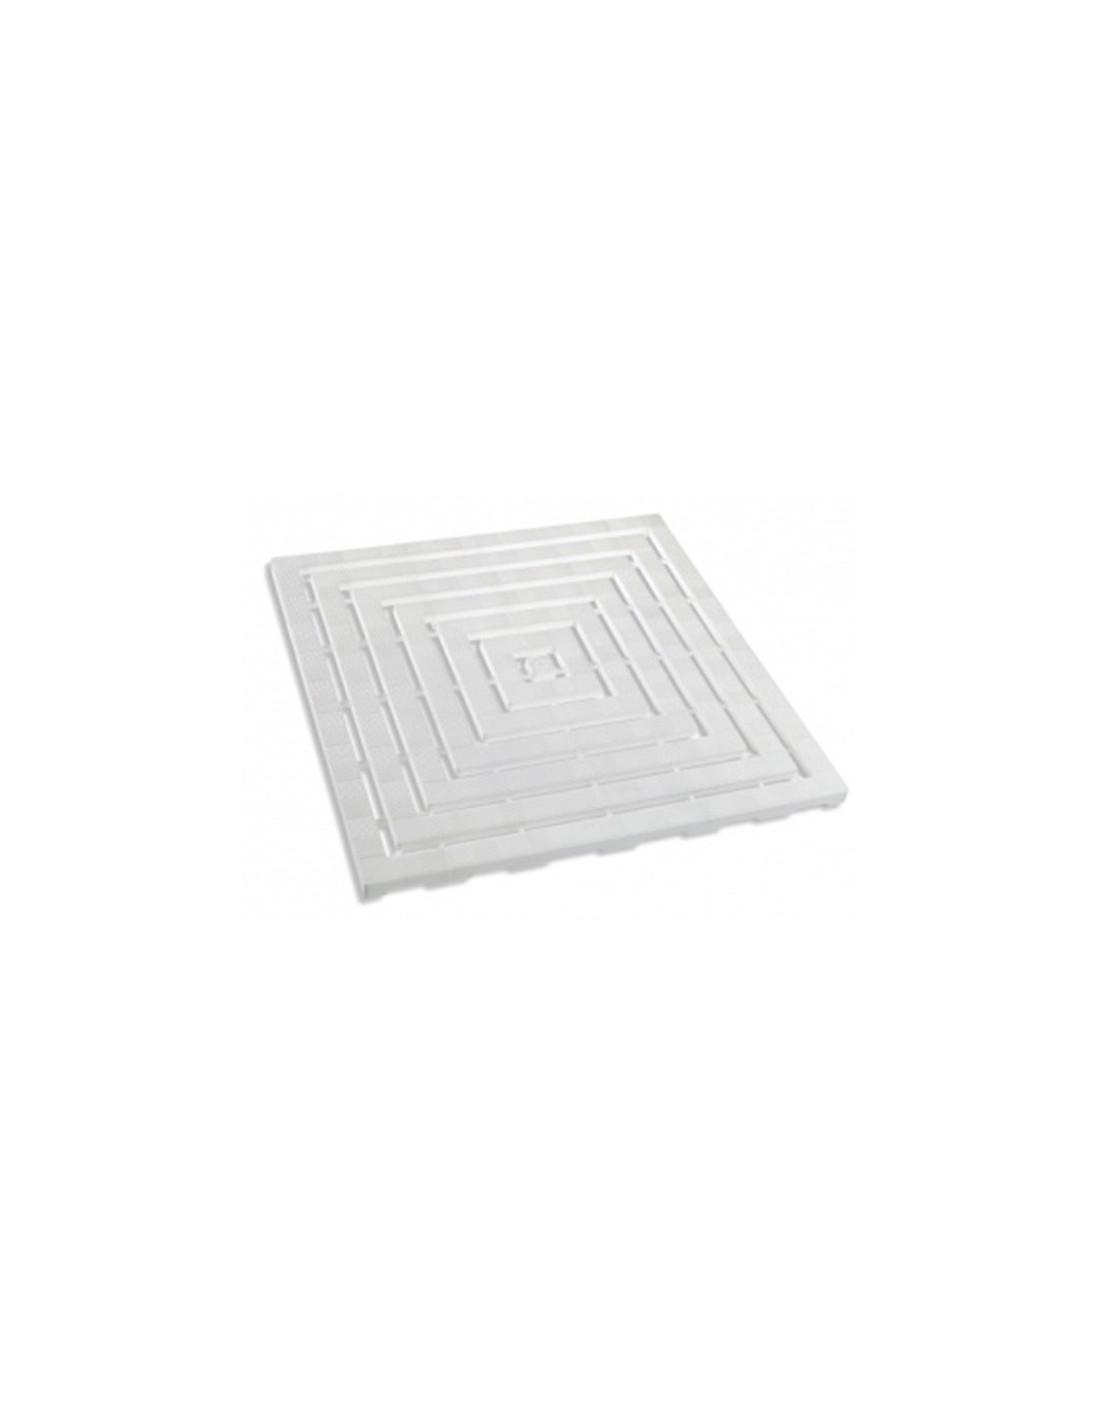 Suelo de ducha antideslizante 50x50 tienda de camping online - Suelos de ducha antideslizantes ...